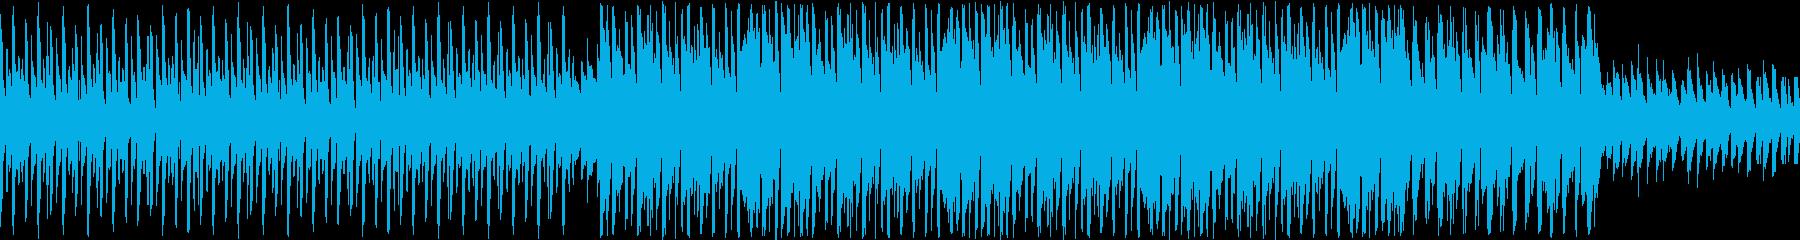 ノリの良いハウスビートとシンセメロディの再生済みの波形